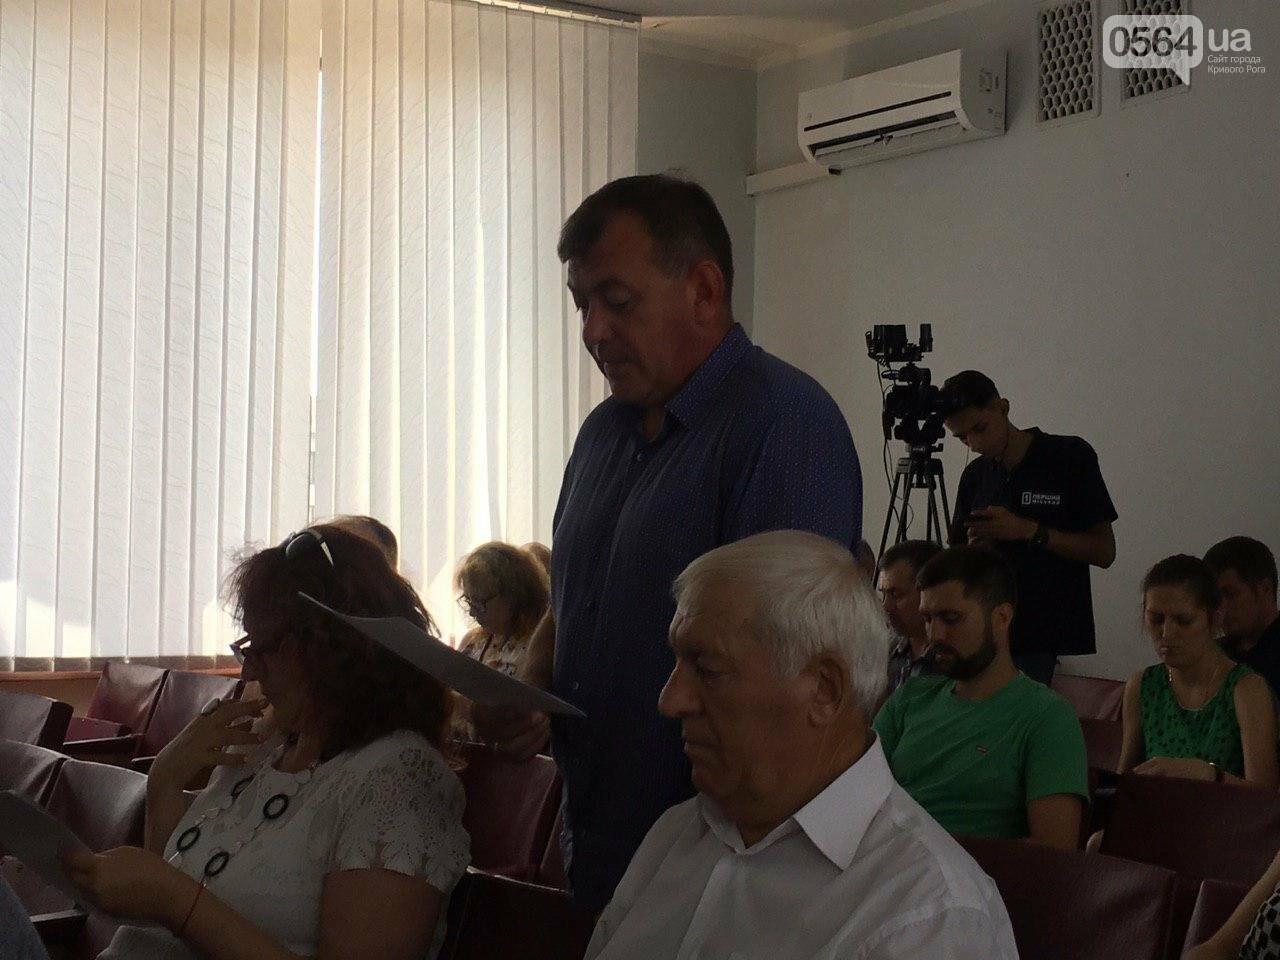 Криворожское КП пытается подготовится к отопительному сезону, несмотря на долг в полмиллиарда, - ФОТО , фото-33